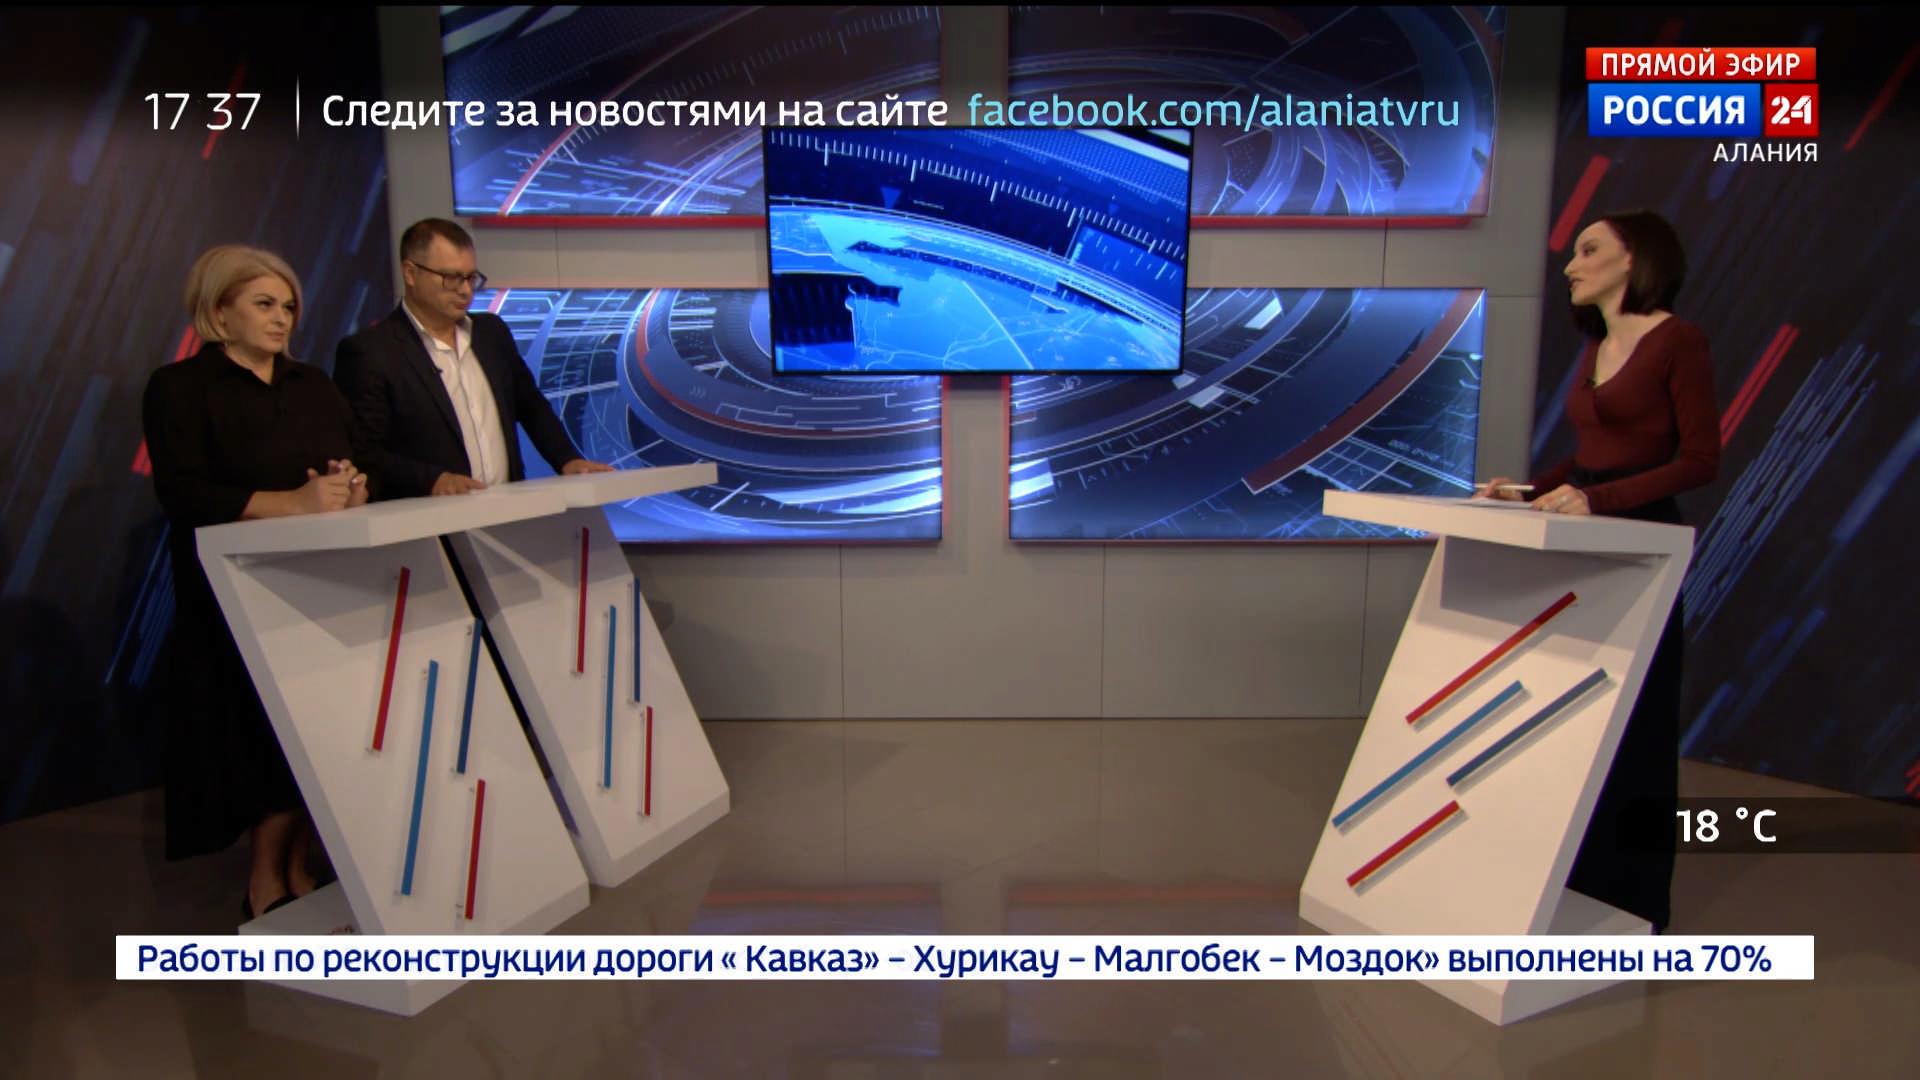 Республика. Господдержка социально ориентированных некоммерческих организаций в Северной Осетии